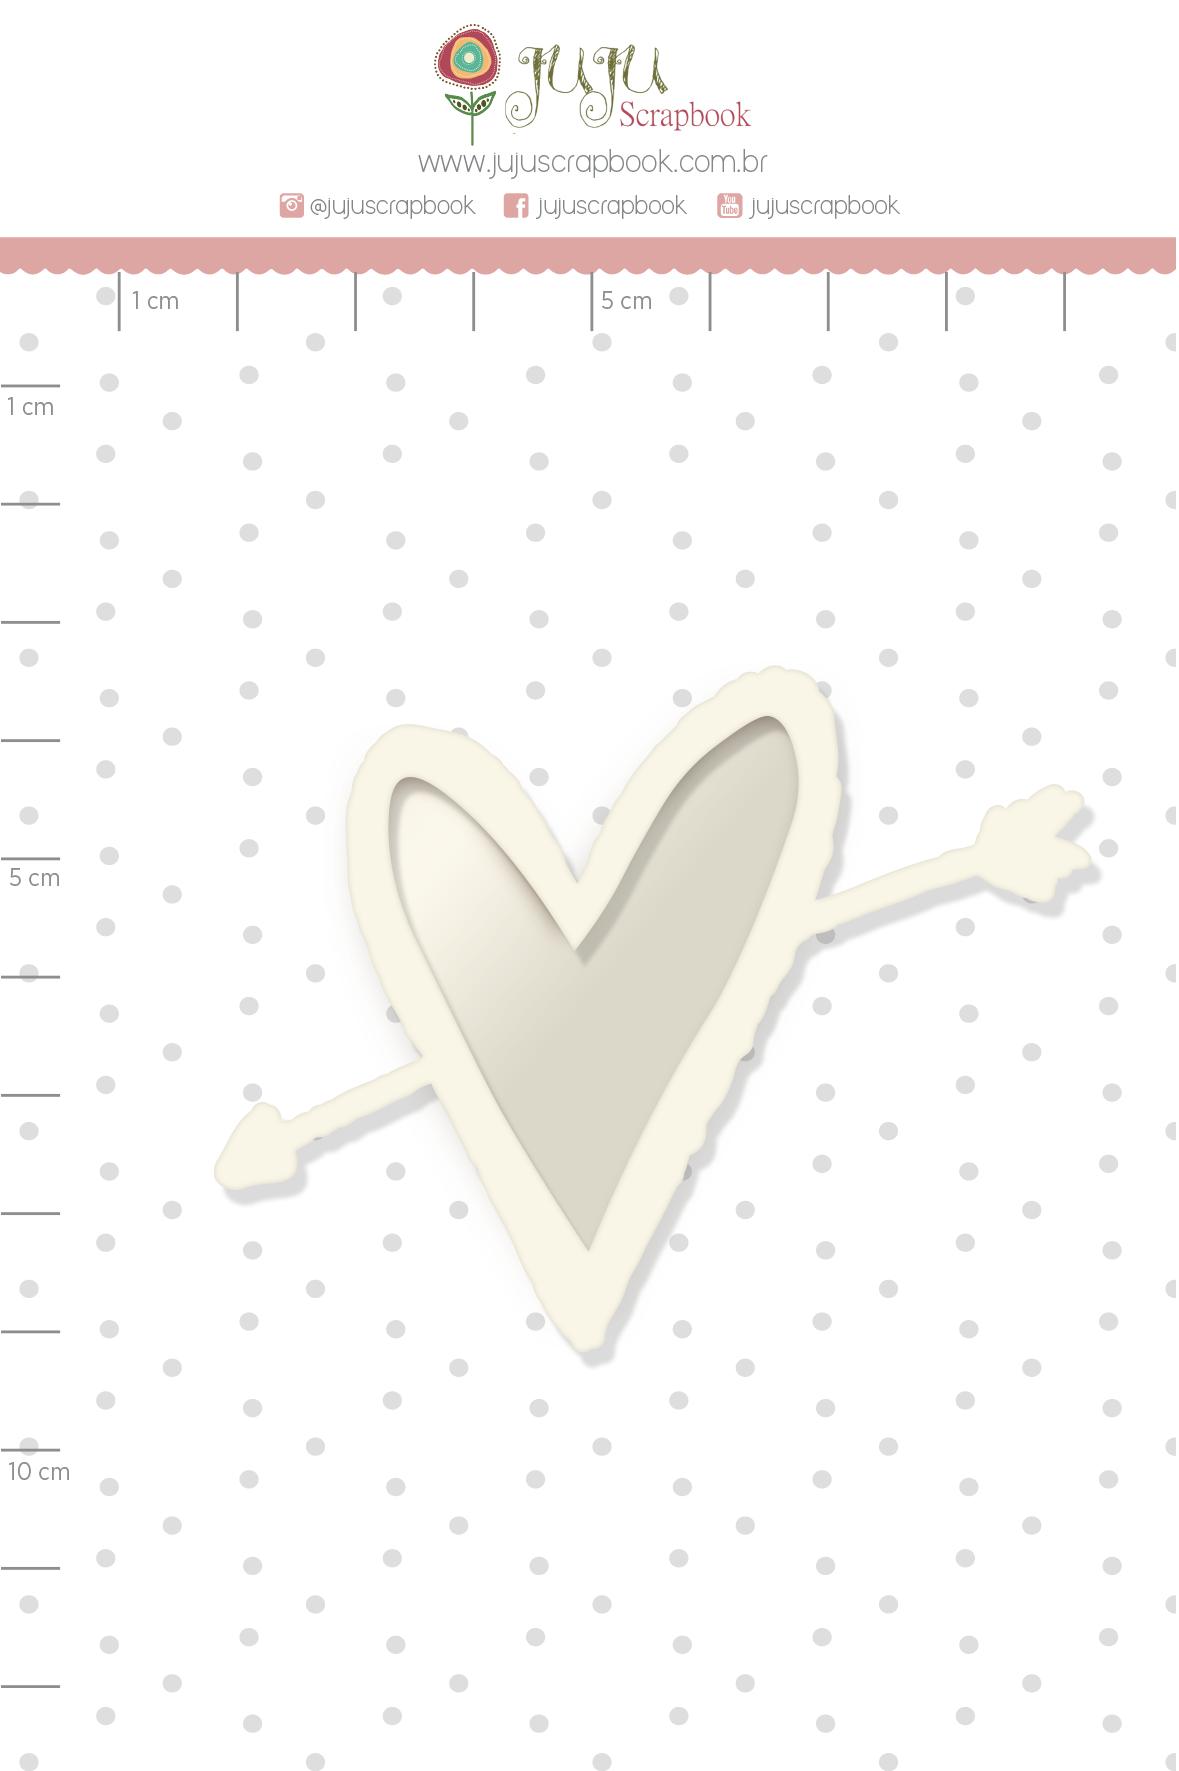 Shaker Chipboard Branco Apaixonado - Coleção Espalhando Amor - JuJu Scrapbook  - JuJu Scrapbook